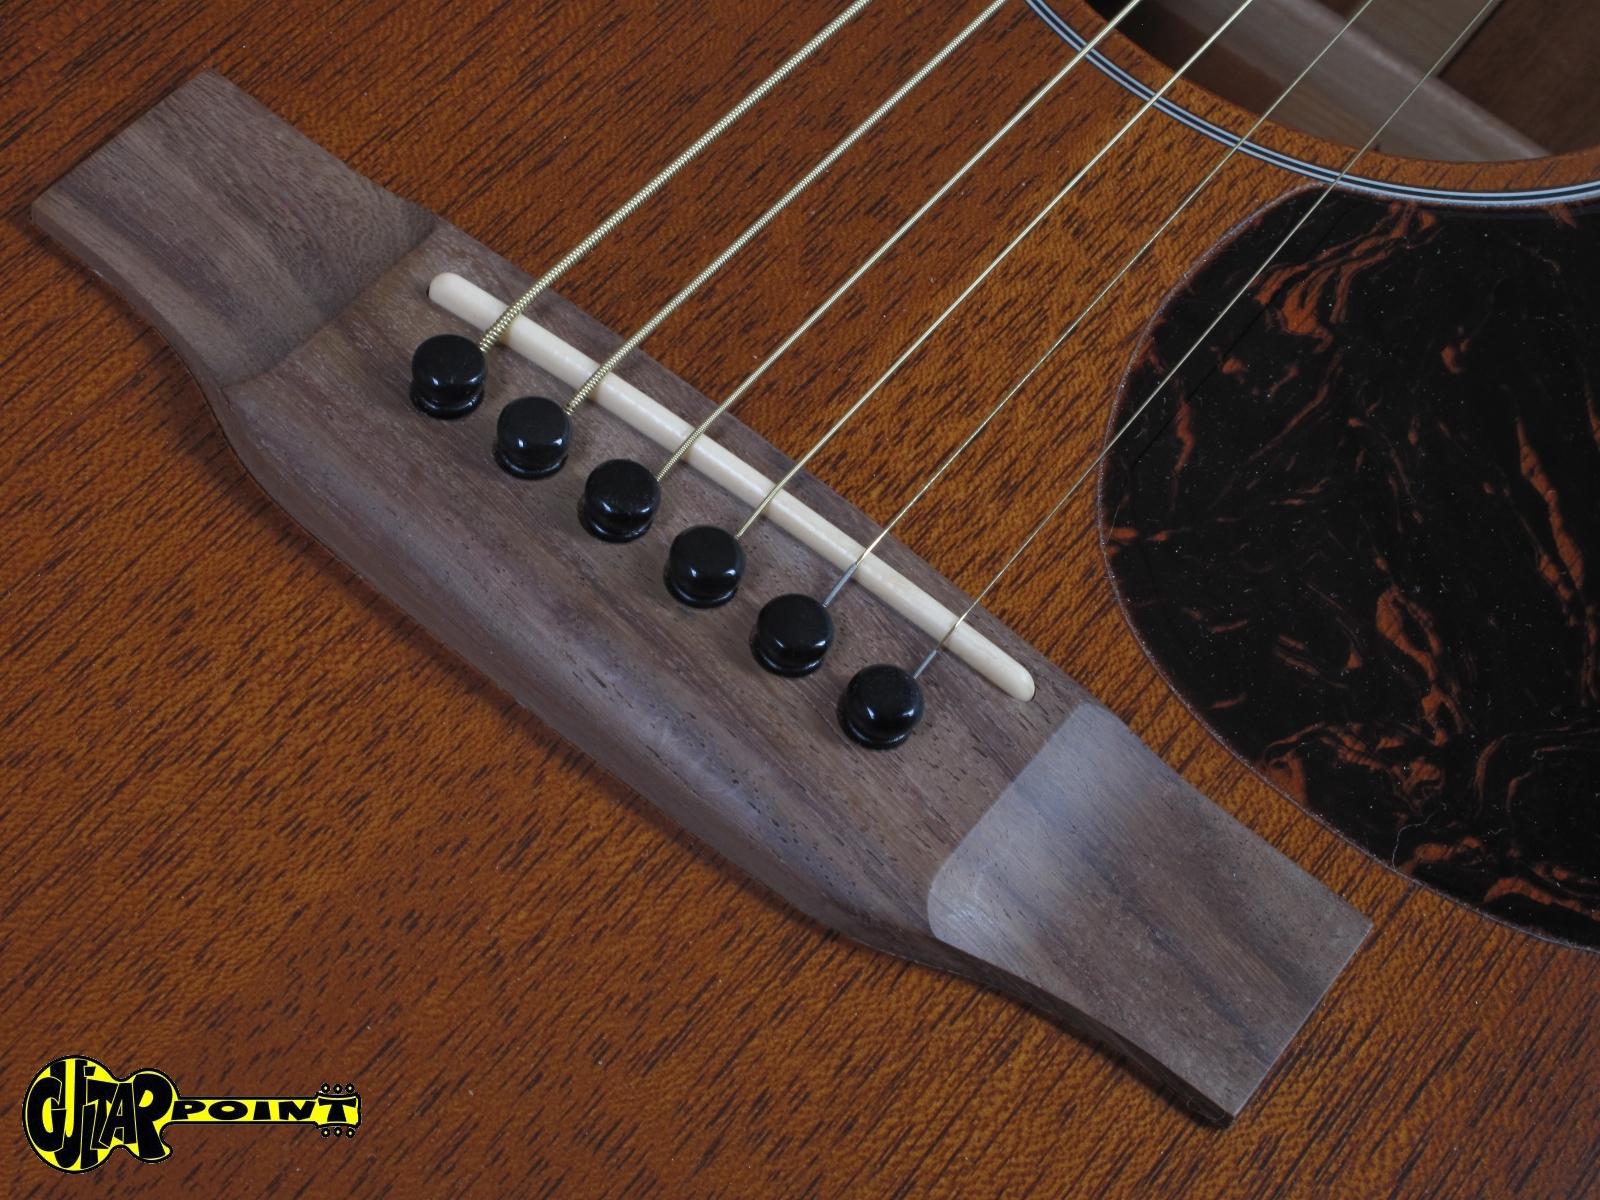 https://guitarpoint.de/app/uploads/products/martin-custom-om-15-sunburst-solid-mahogany/Martin10CustomOM15SB_13.jpg